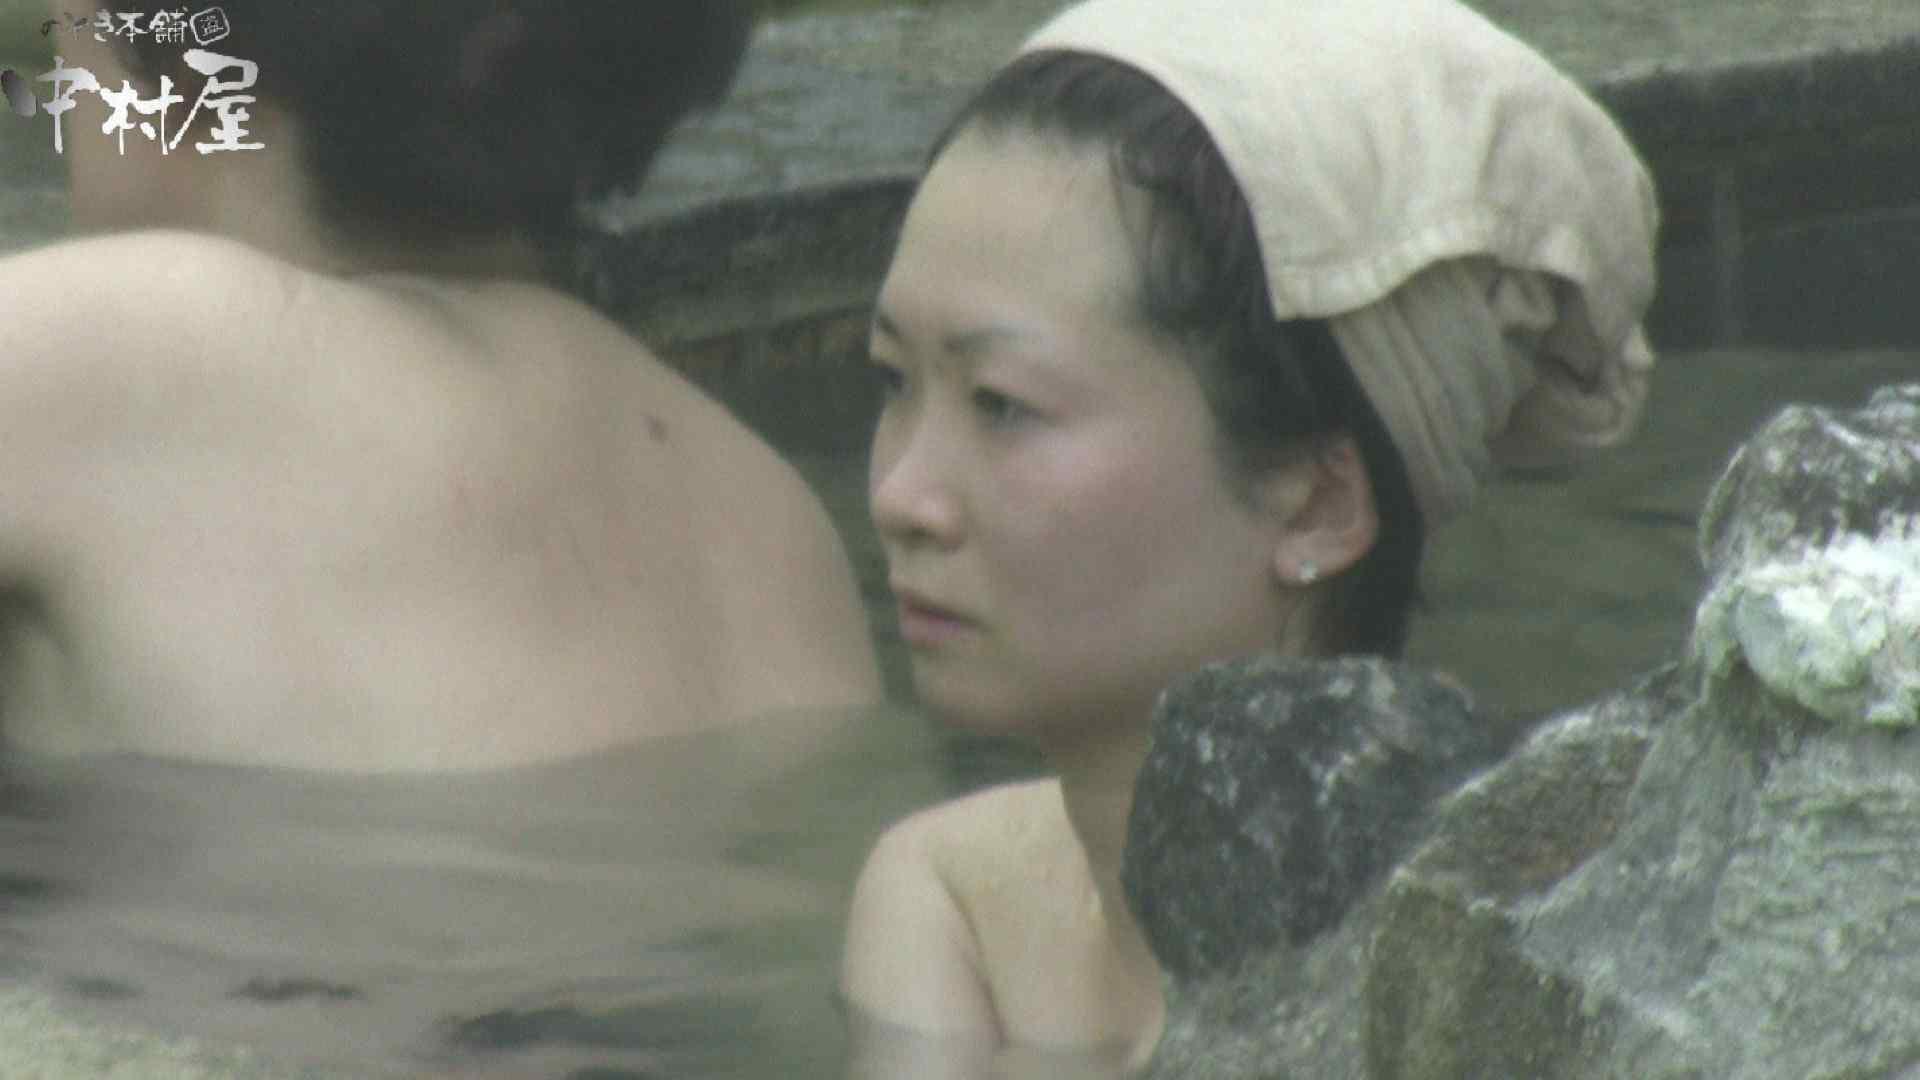 Aquaな露天風呂Vol.906 盗撮 | 露天  92画像 91